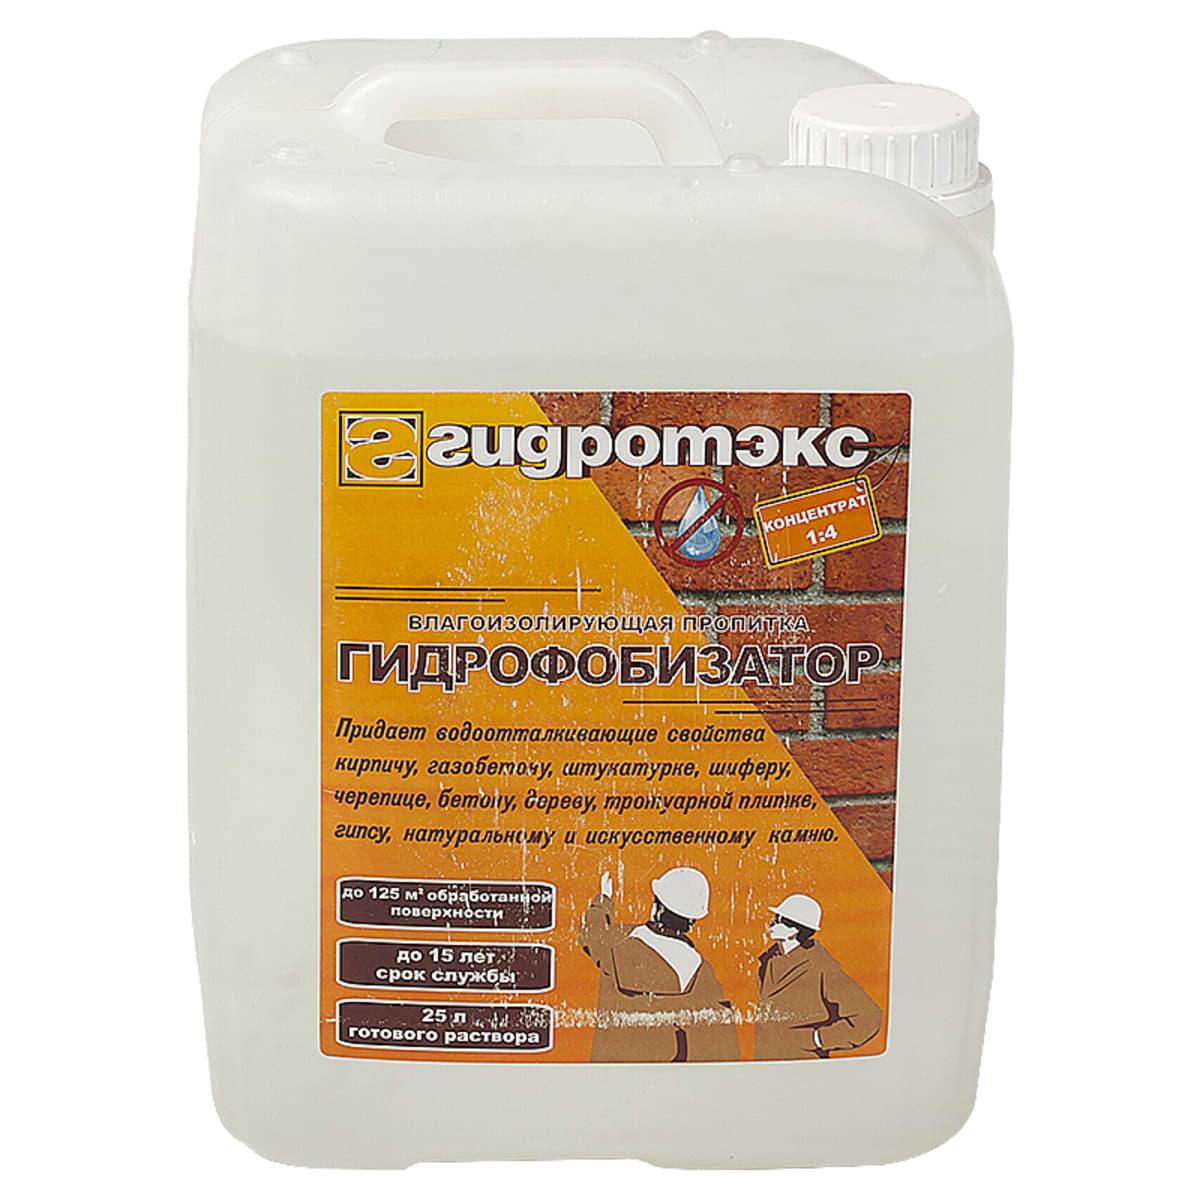 Гидрофобизатор для бетона купить в леруа мерлен рецепт римского бетона